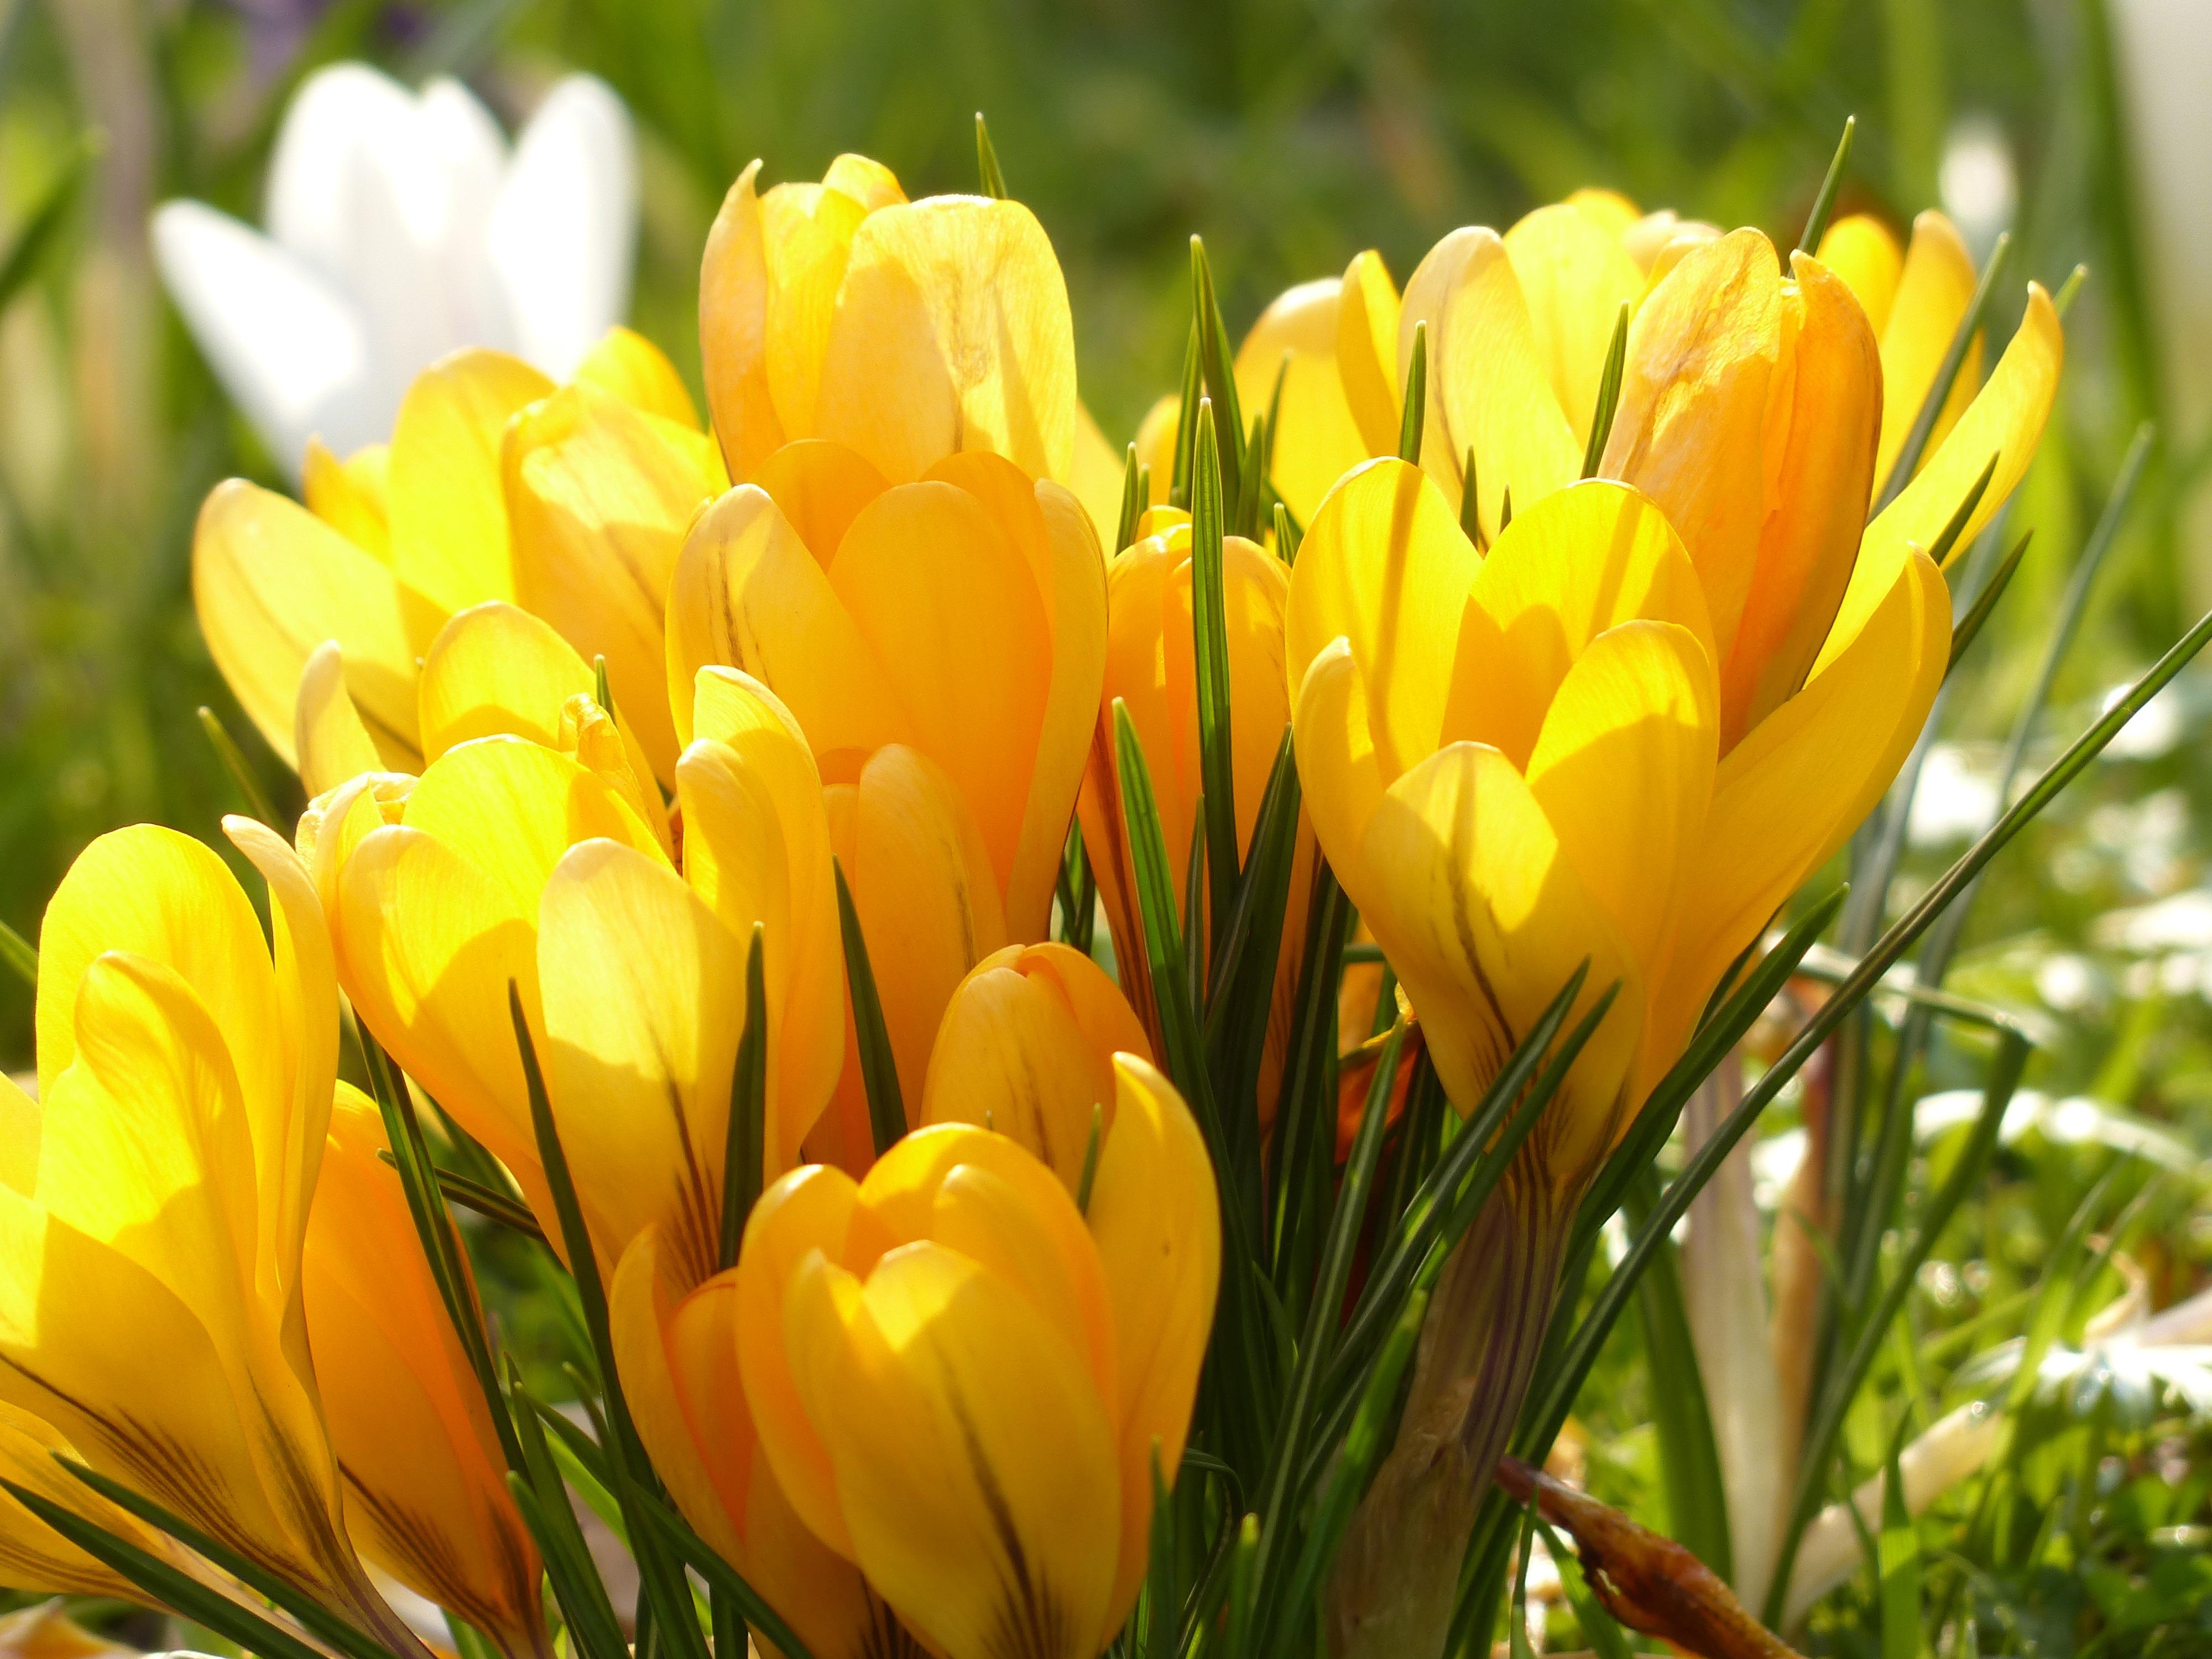 crocus-yellow-white-bloom-68540.jpeg (4000×3000)